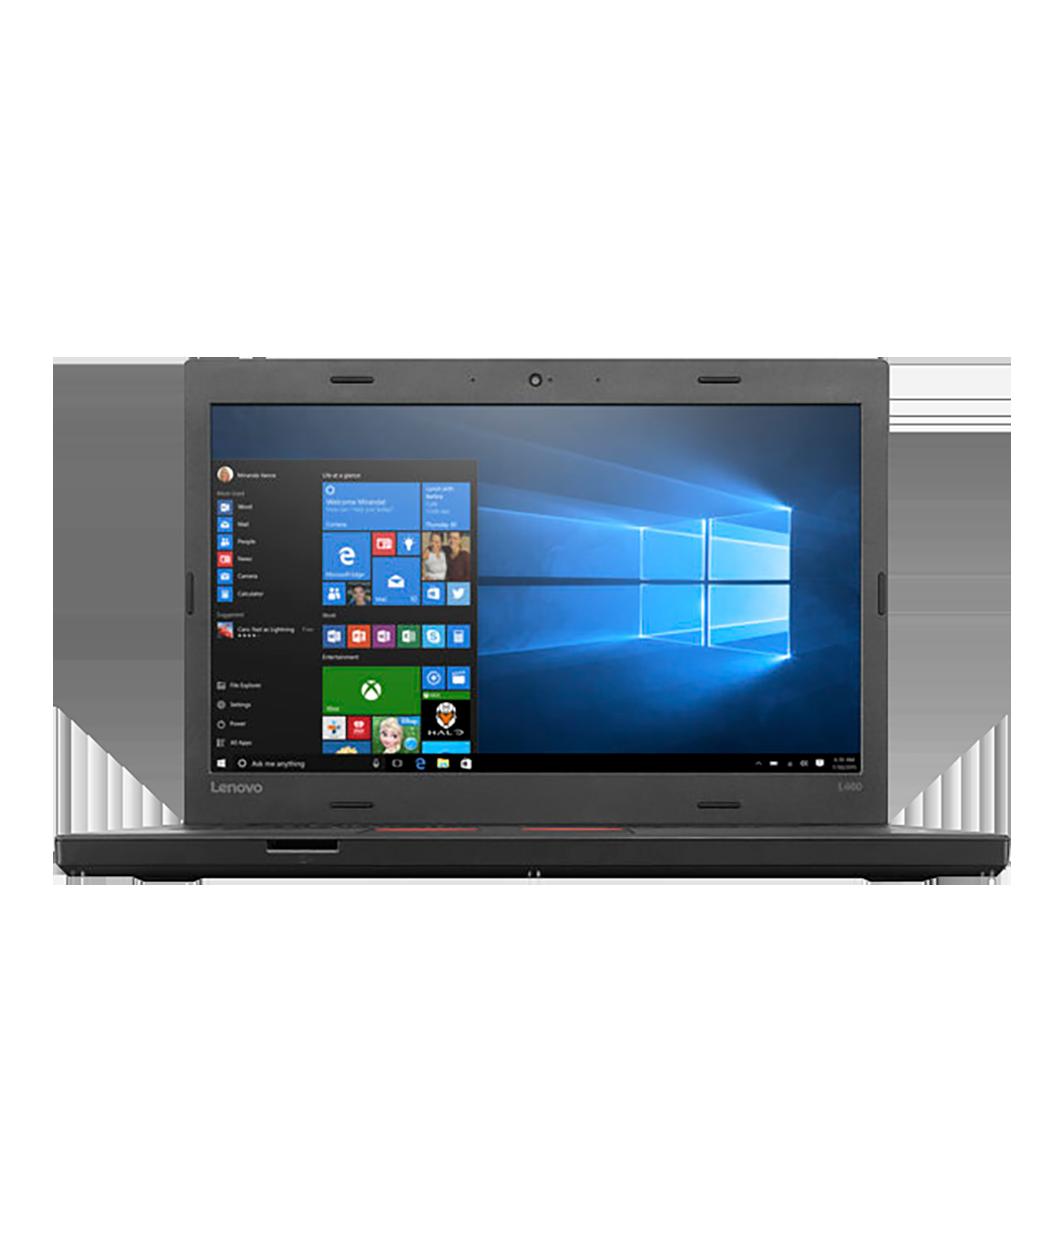 Lenovo ThinkPad L460 14